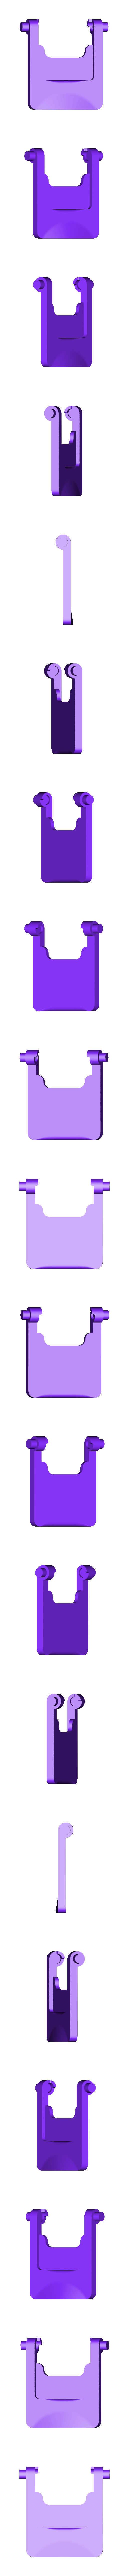 Keyboard_Foot.stl Télécharger fichier STL gratuit Pied de clavier pour K350 Clavier • Modèle pour impression 3D, MaxLevel0